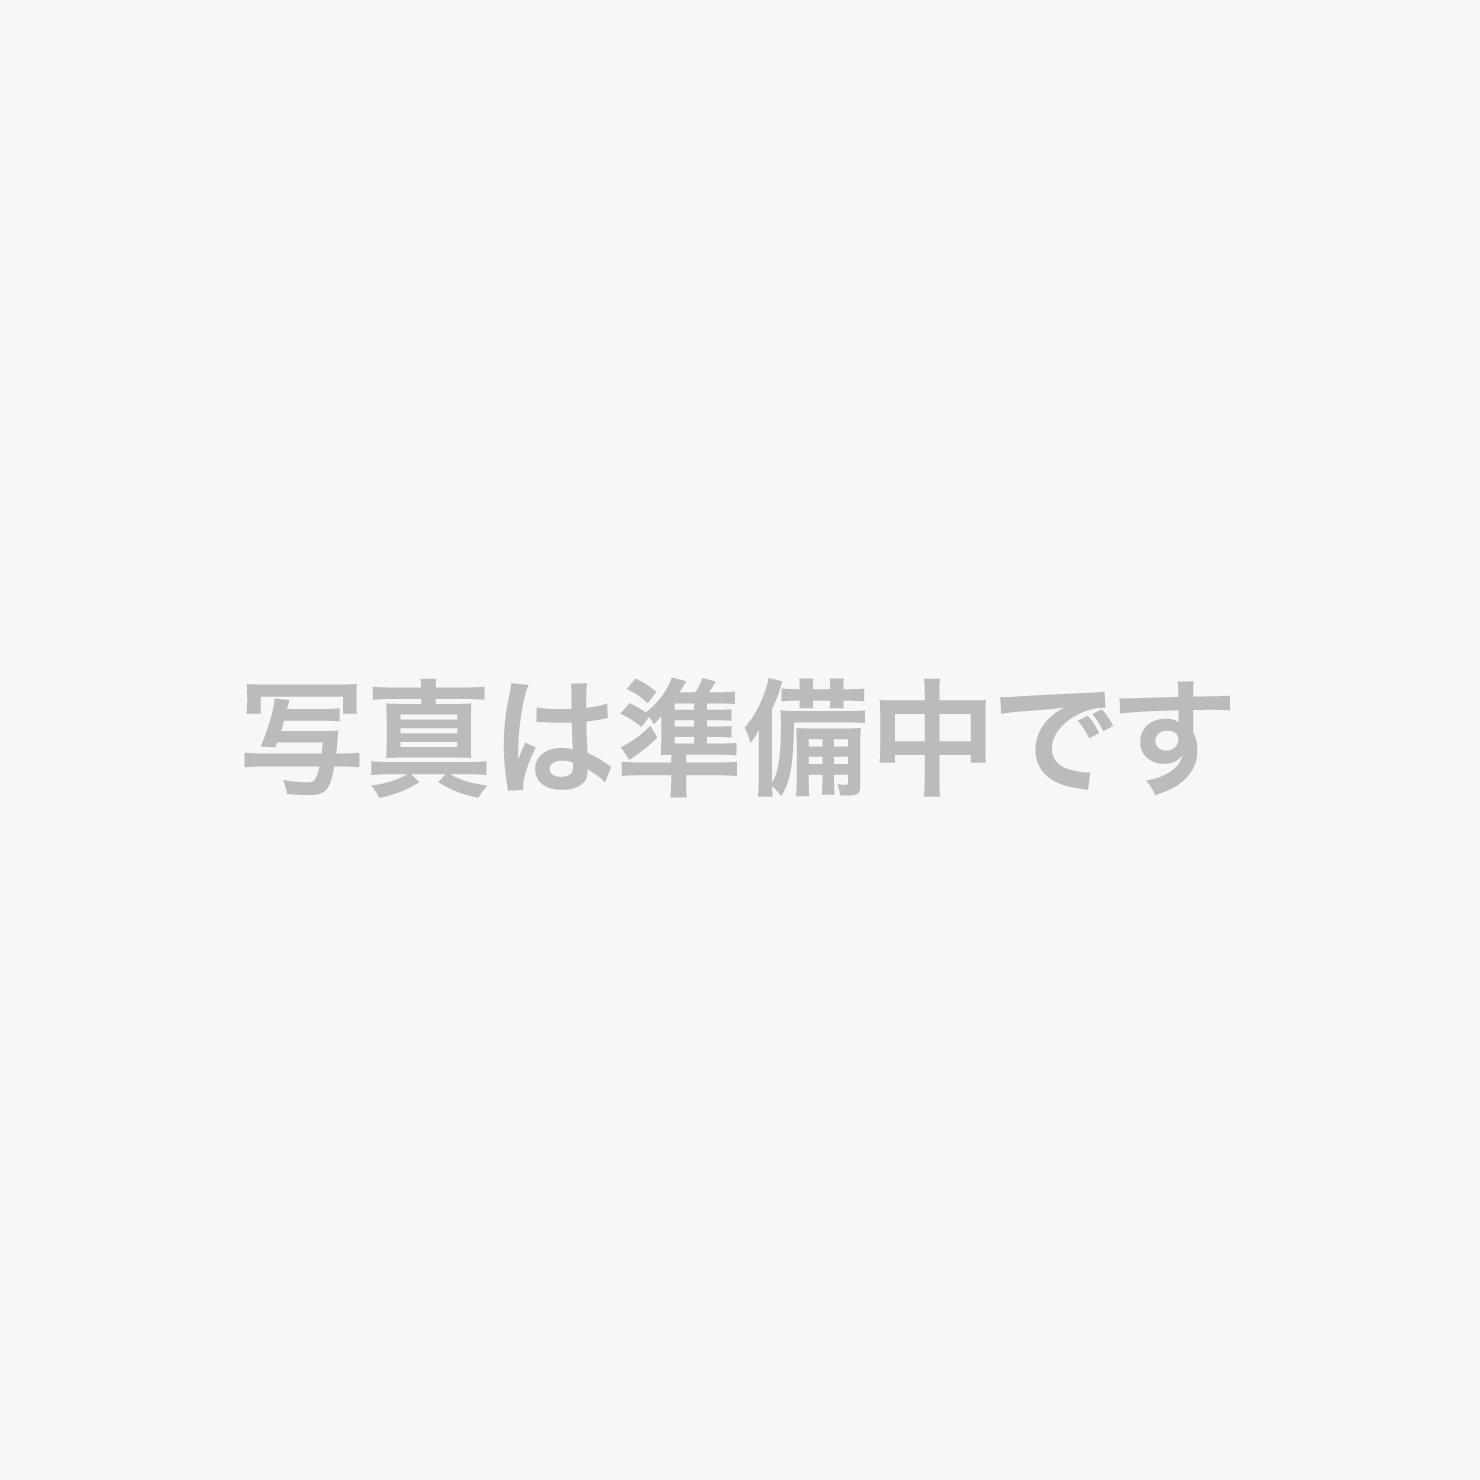 奈良の特産品、吉野葛。甘い黒蜜をかけて是非召し上がって下さいませ。